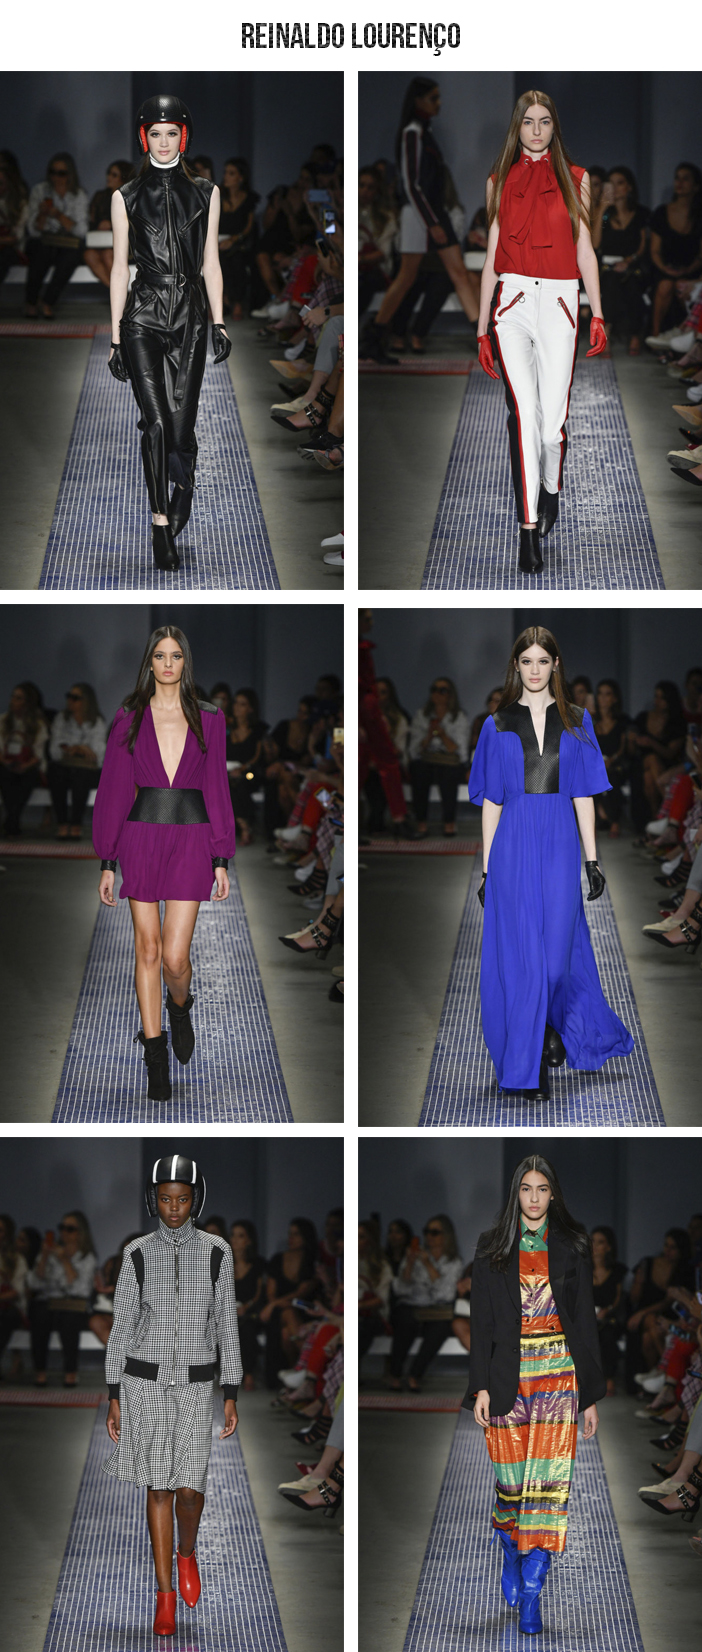 São Paulo Fashion Week N46 Parte 2 - Reinaldo Lourenço